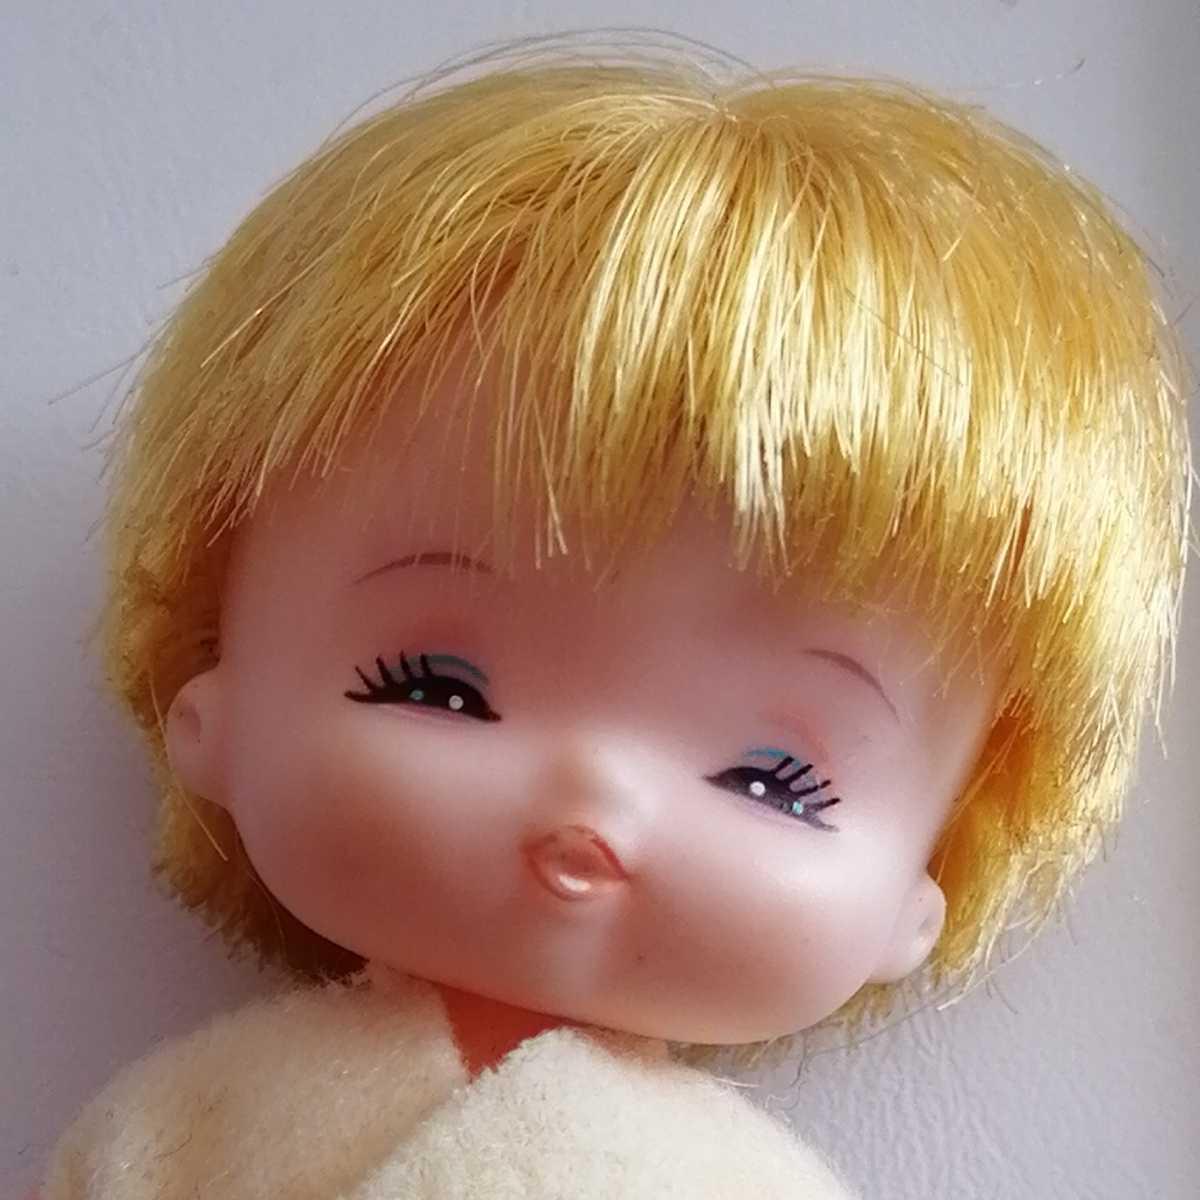 おでこ汚れ難。リカちゃん フラワーベビーズ たんぽぽちゃん 人形 赤ちゃん _画像3